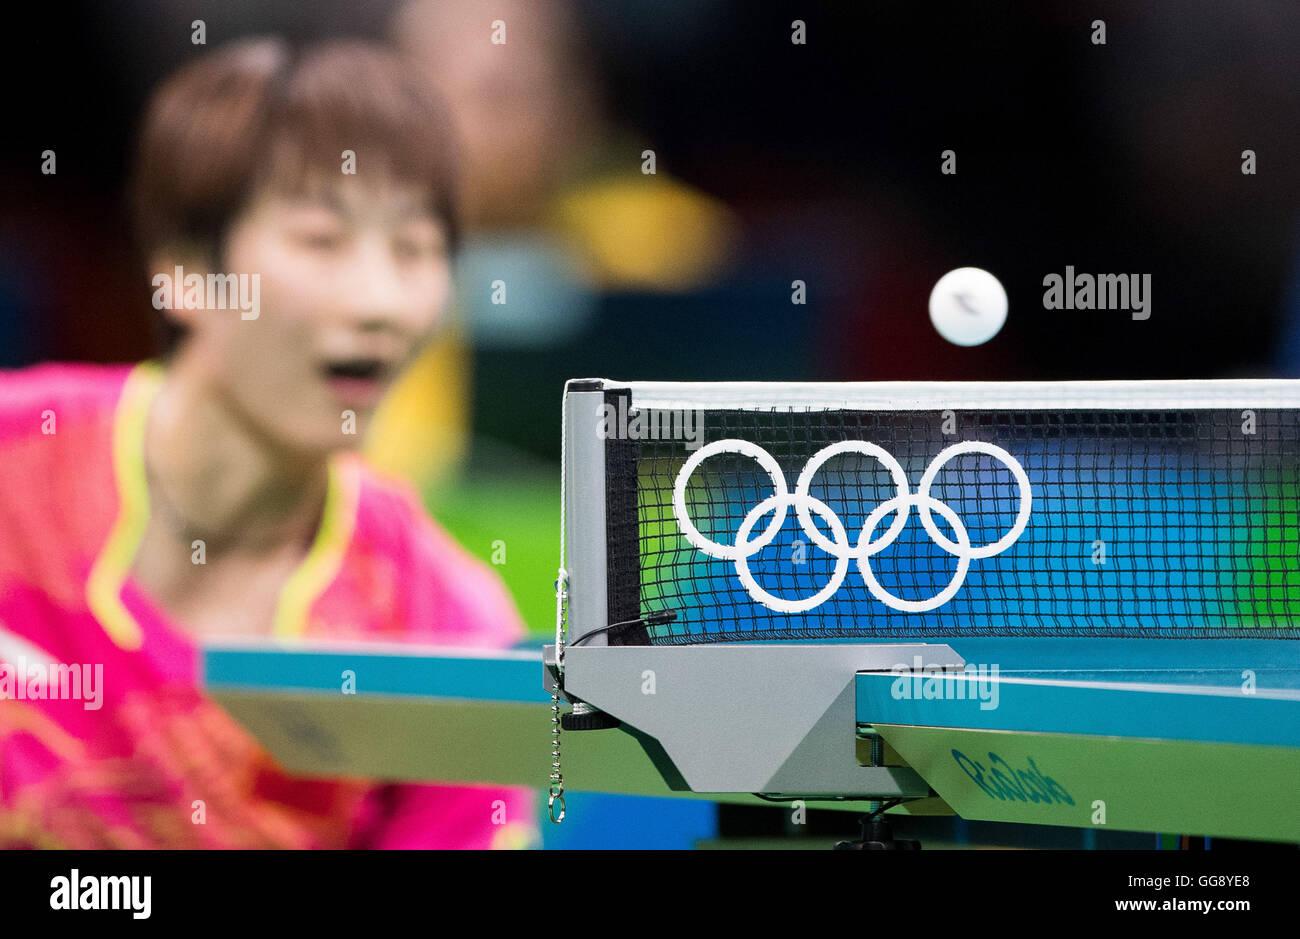 Rio De Janeiro, Brasilien. 10. August 2016. Olympische Spiele 2016-Ping-Pong - Detail des Netzes mit dem Logo der Stockbild